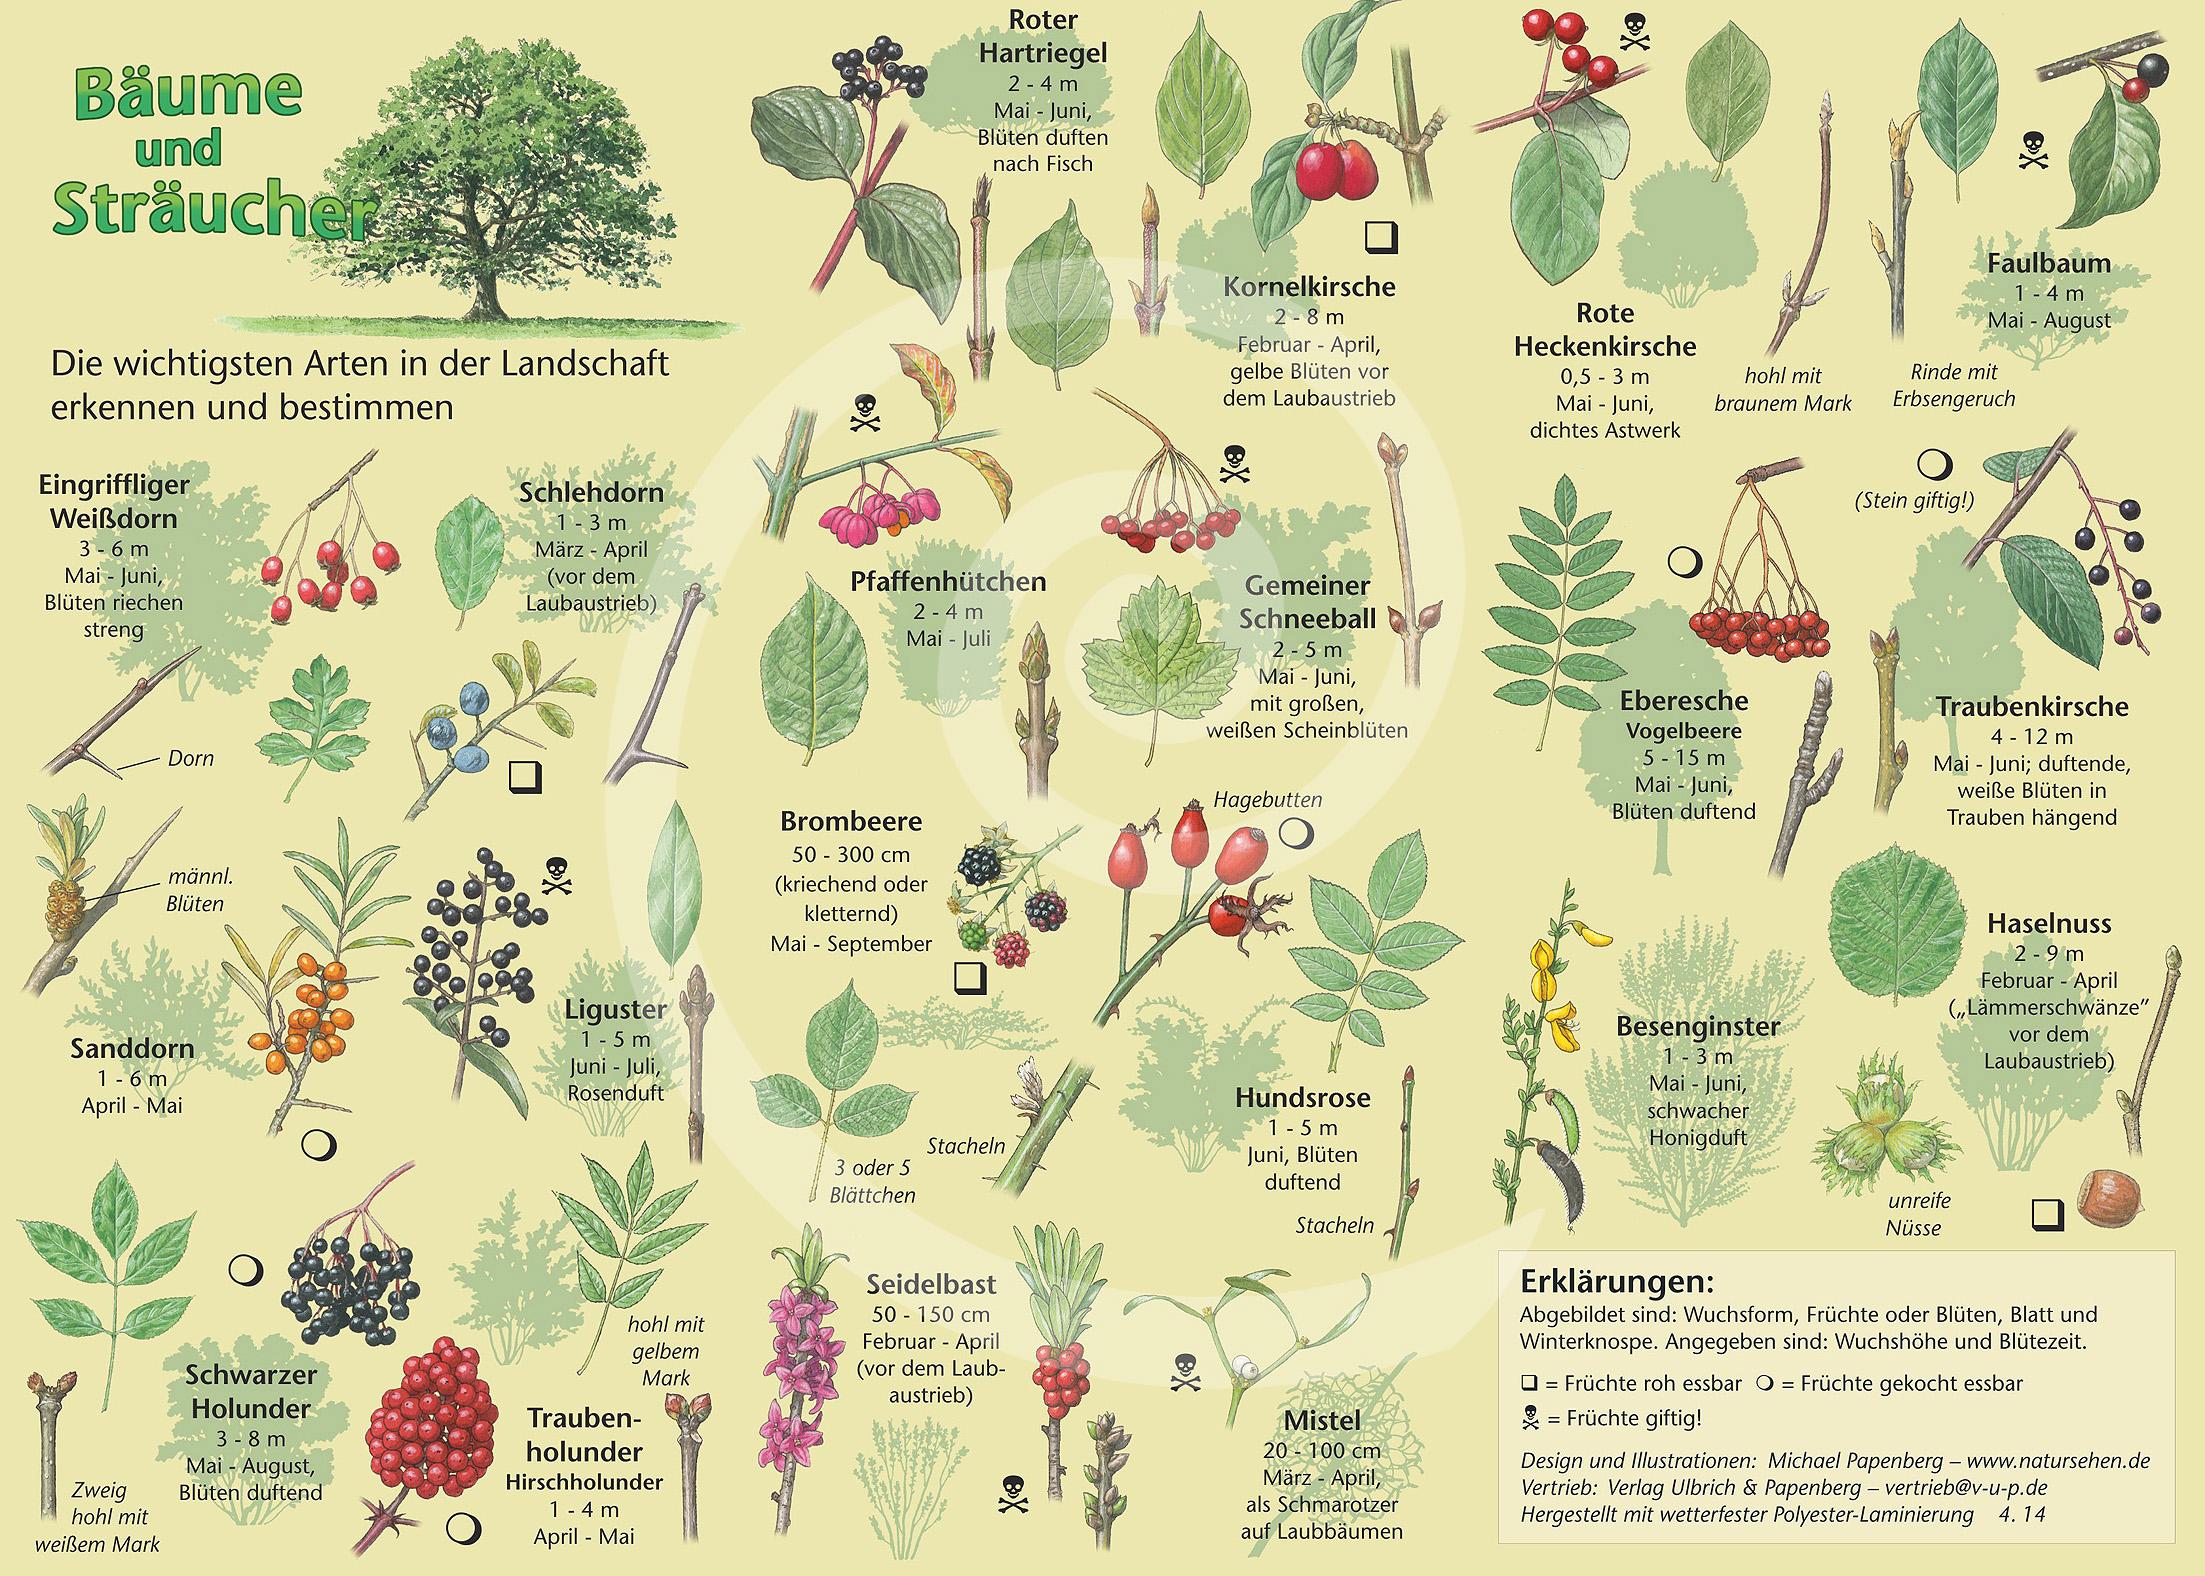 Natur Entdecken Bume Und Strucher